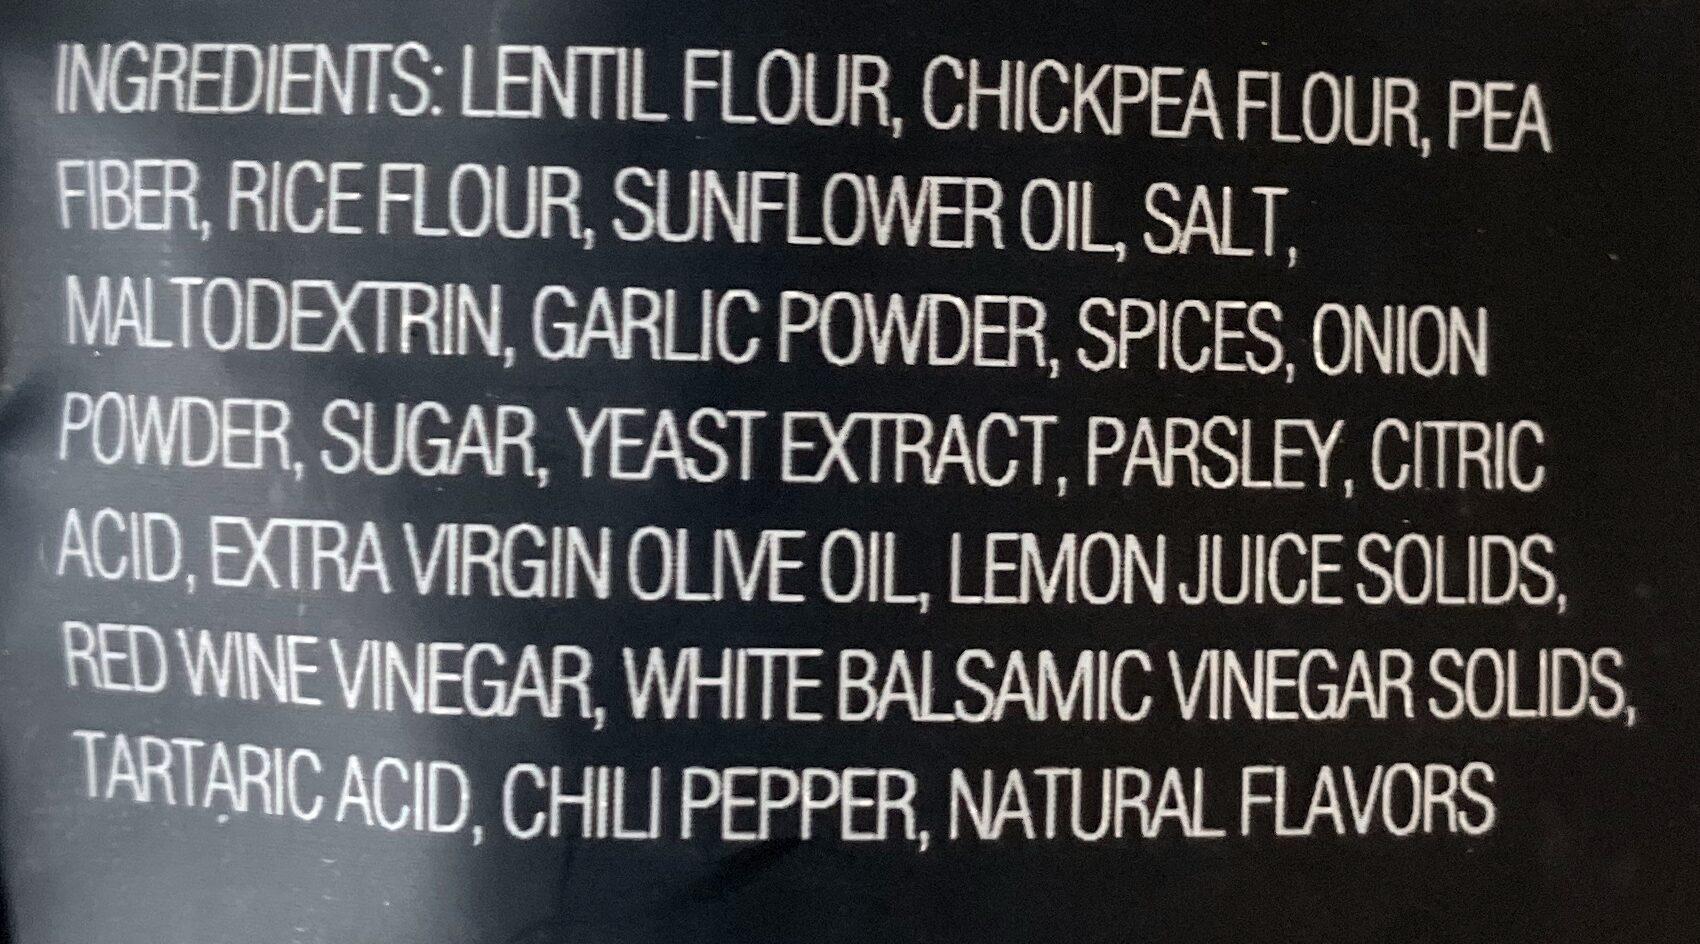 Garlic herb a blend of lentils, chickpeas, peas + rice - Ingredients - en